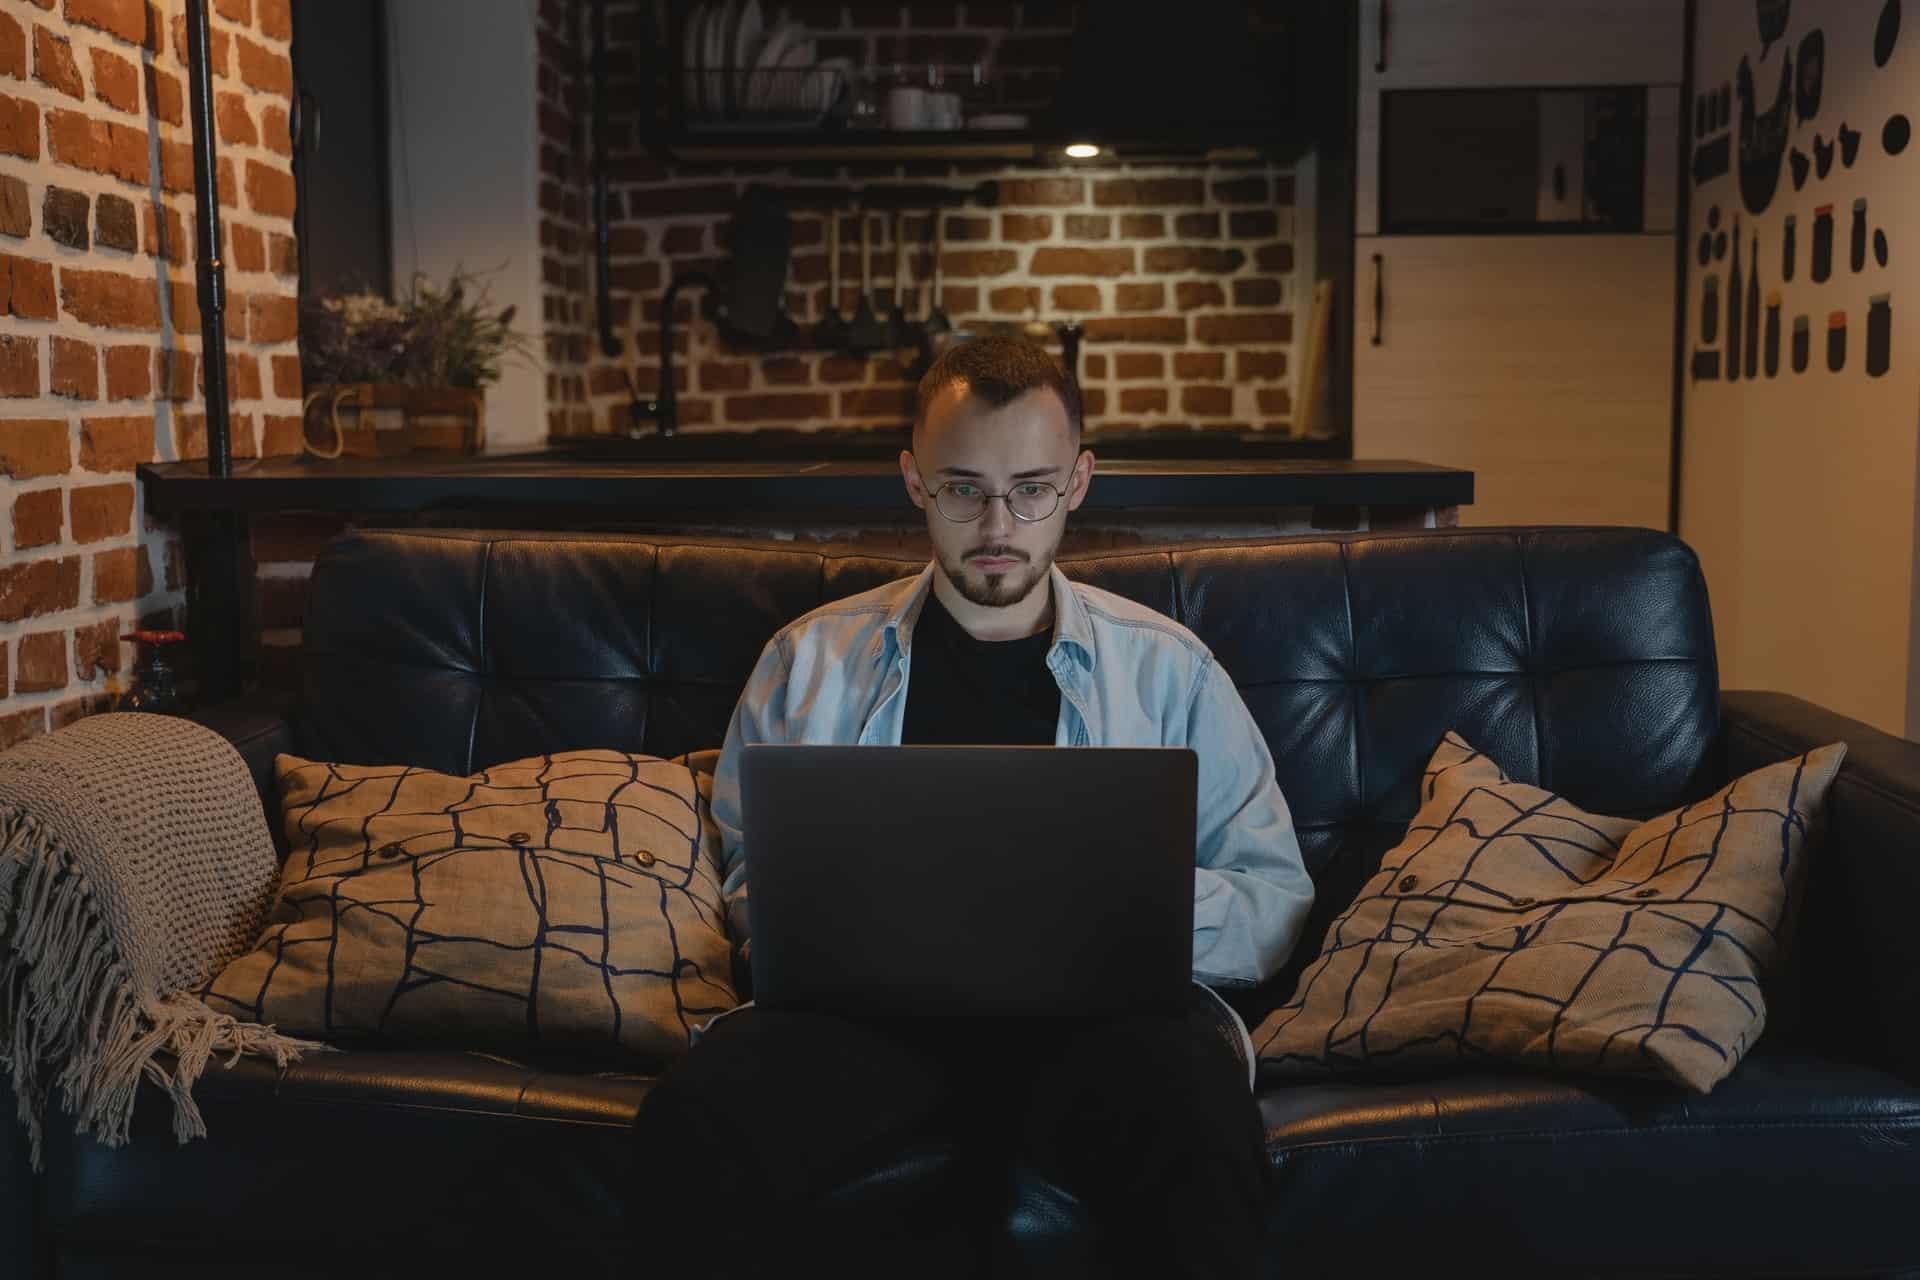 Fem råd for å holde seg motivert på hjemmekontor - Illeris Web AS